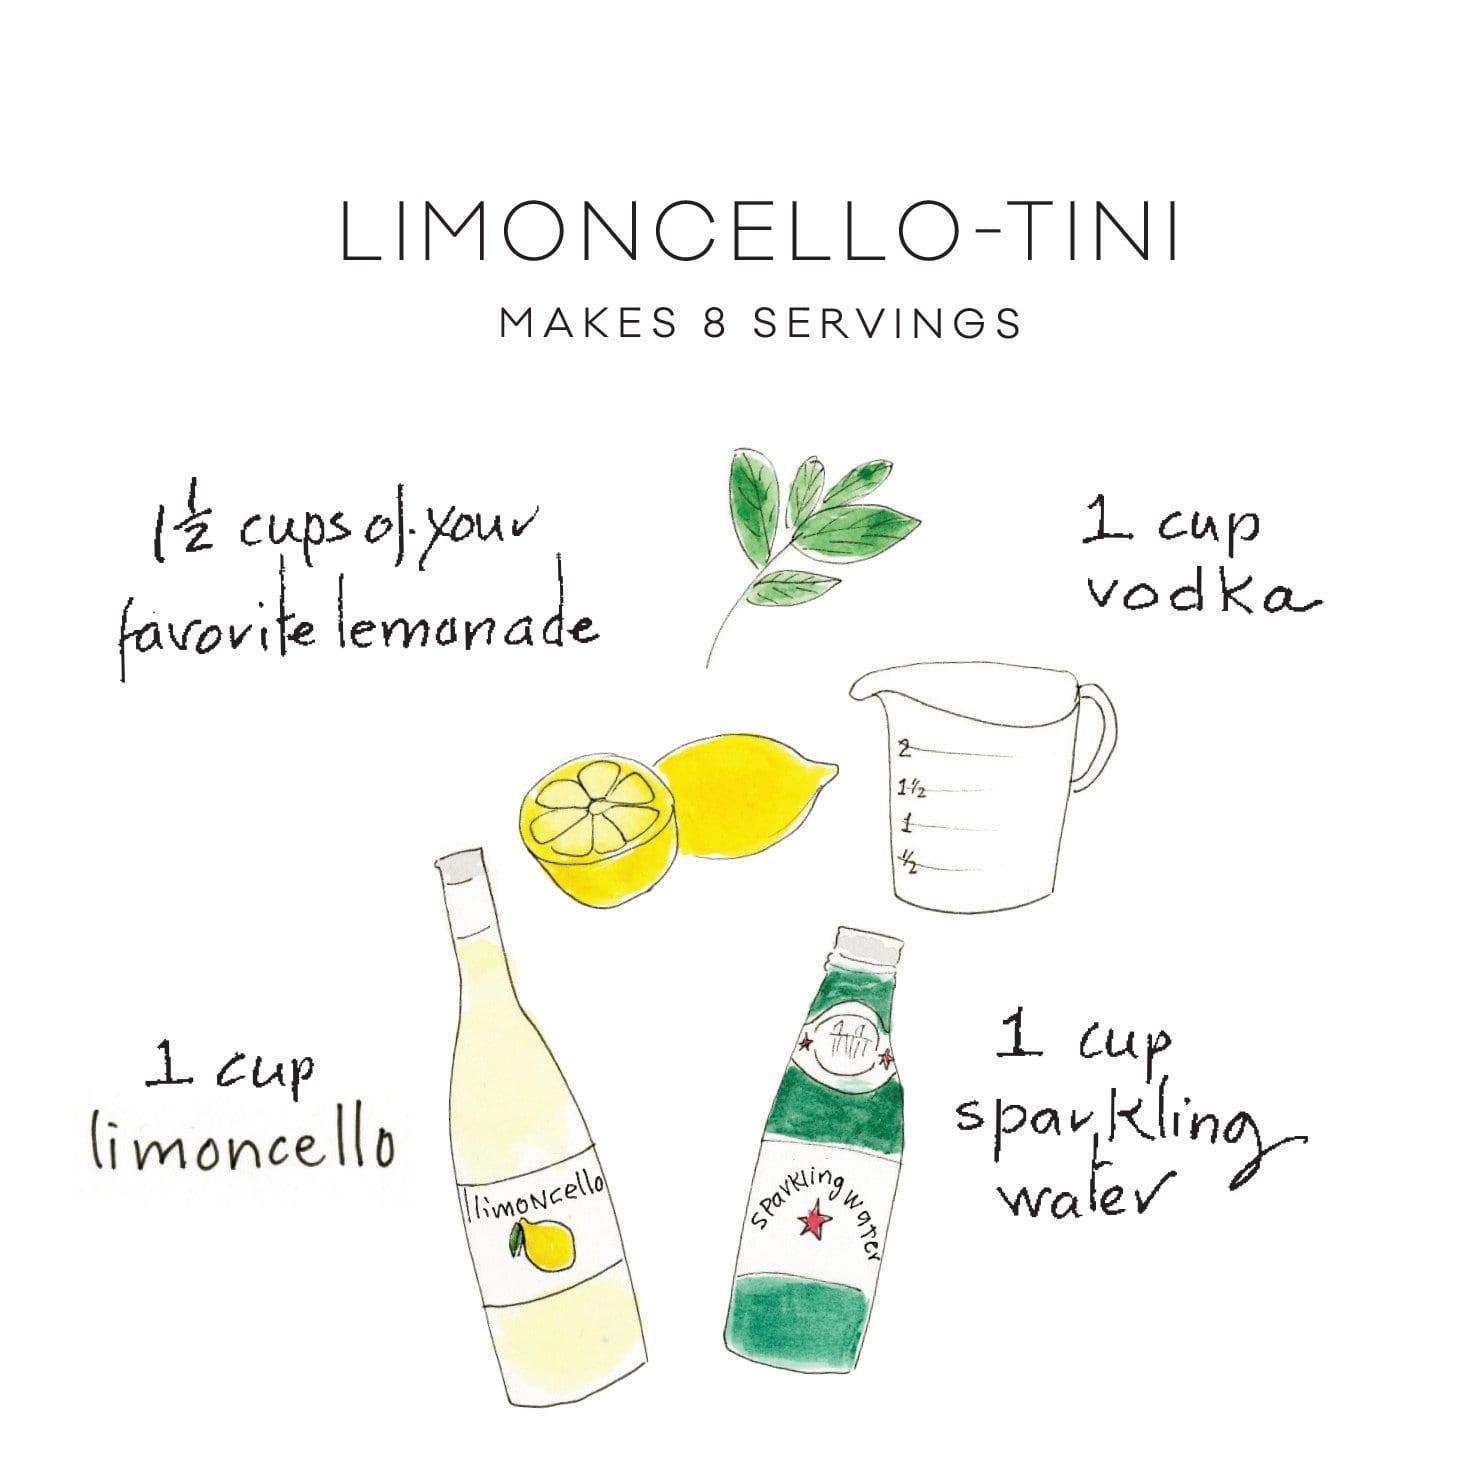 winter-drinks-limoncello-tini